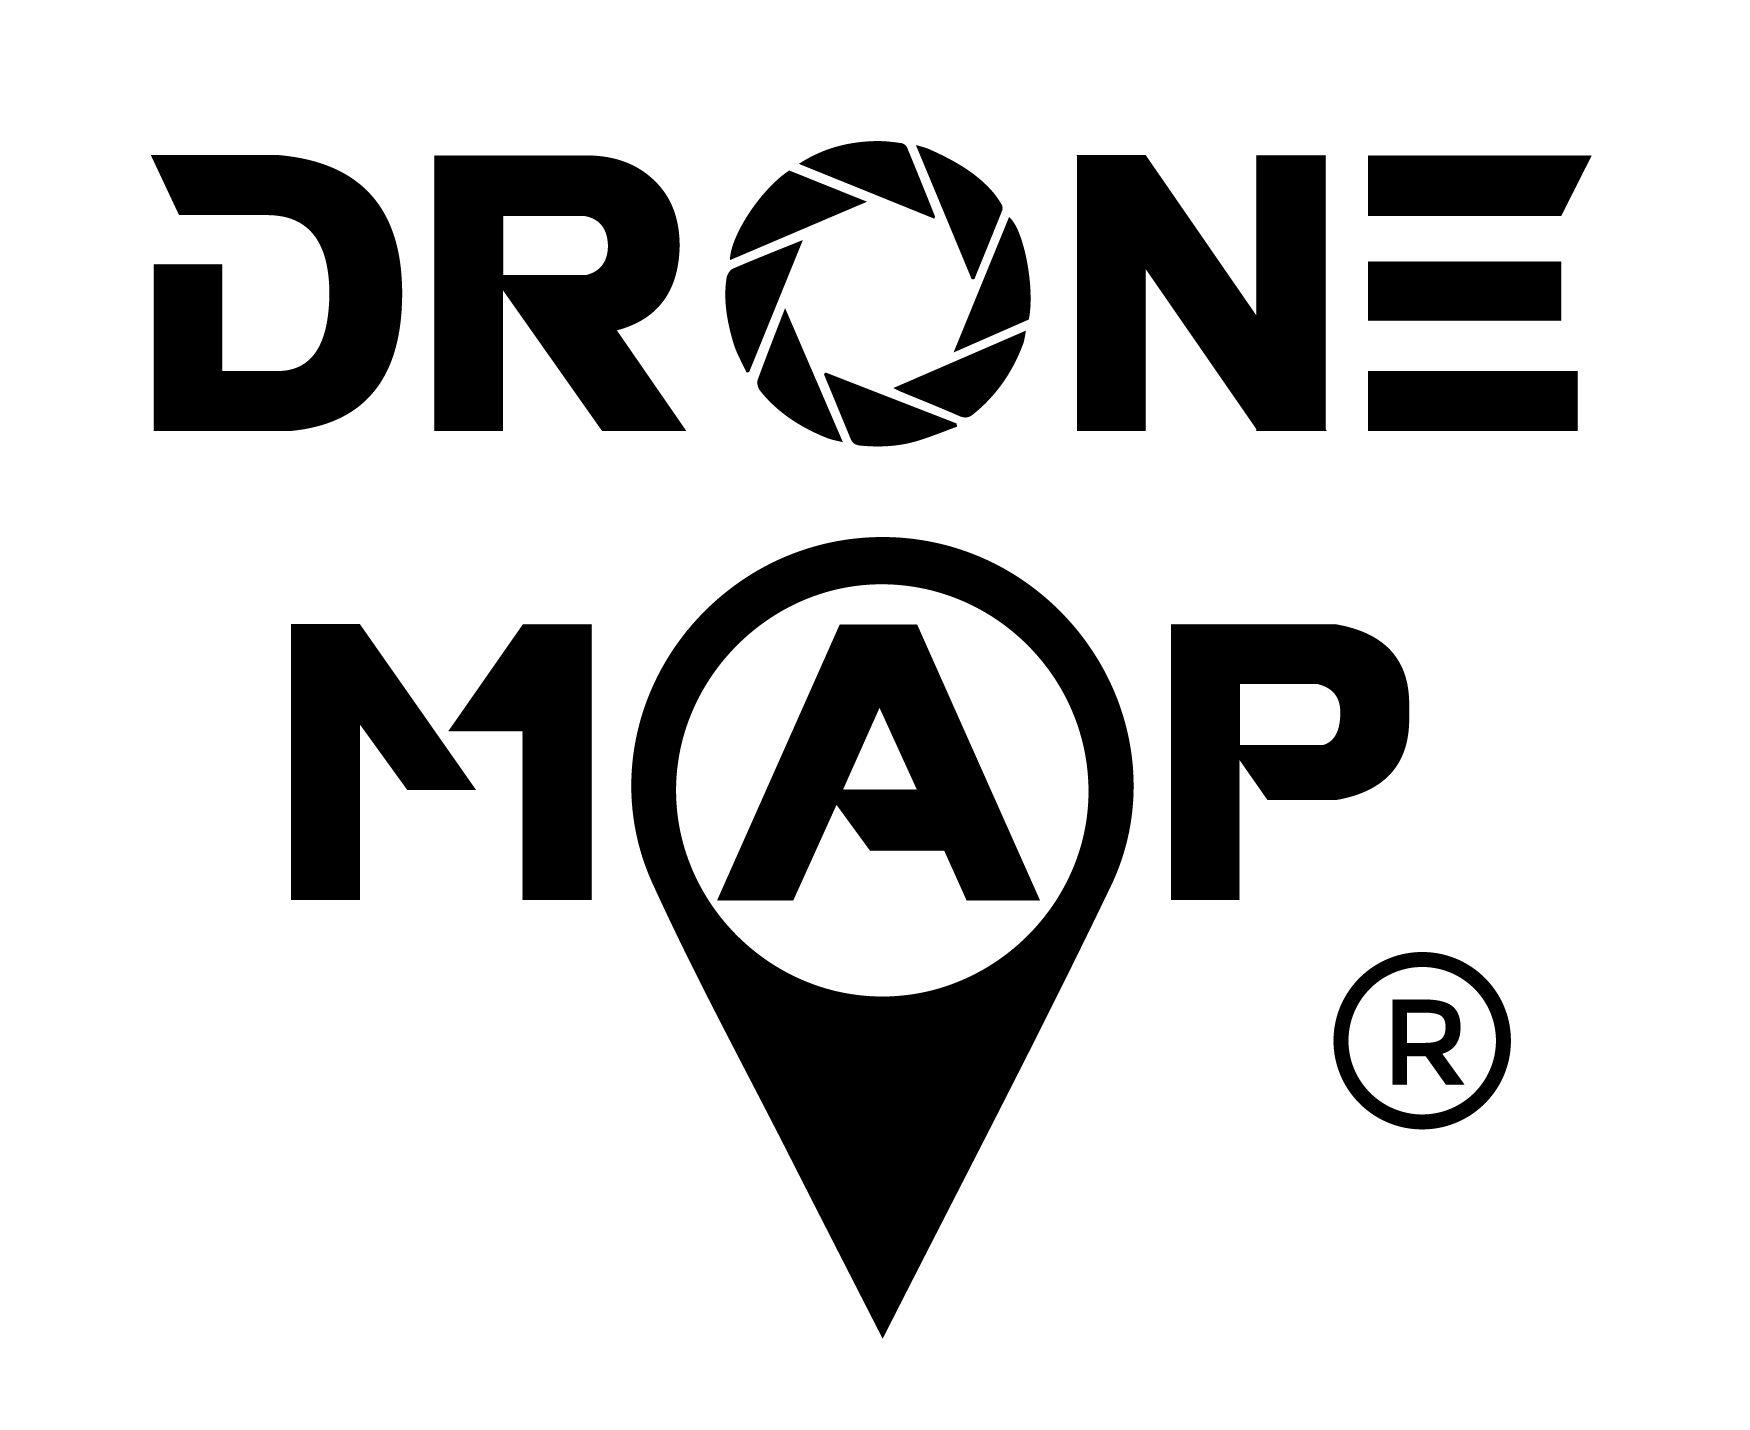 DRONEMAP